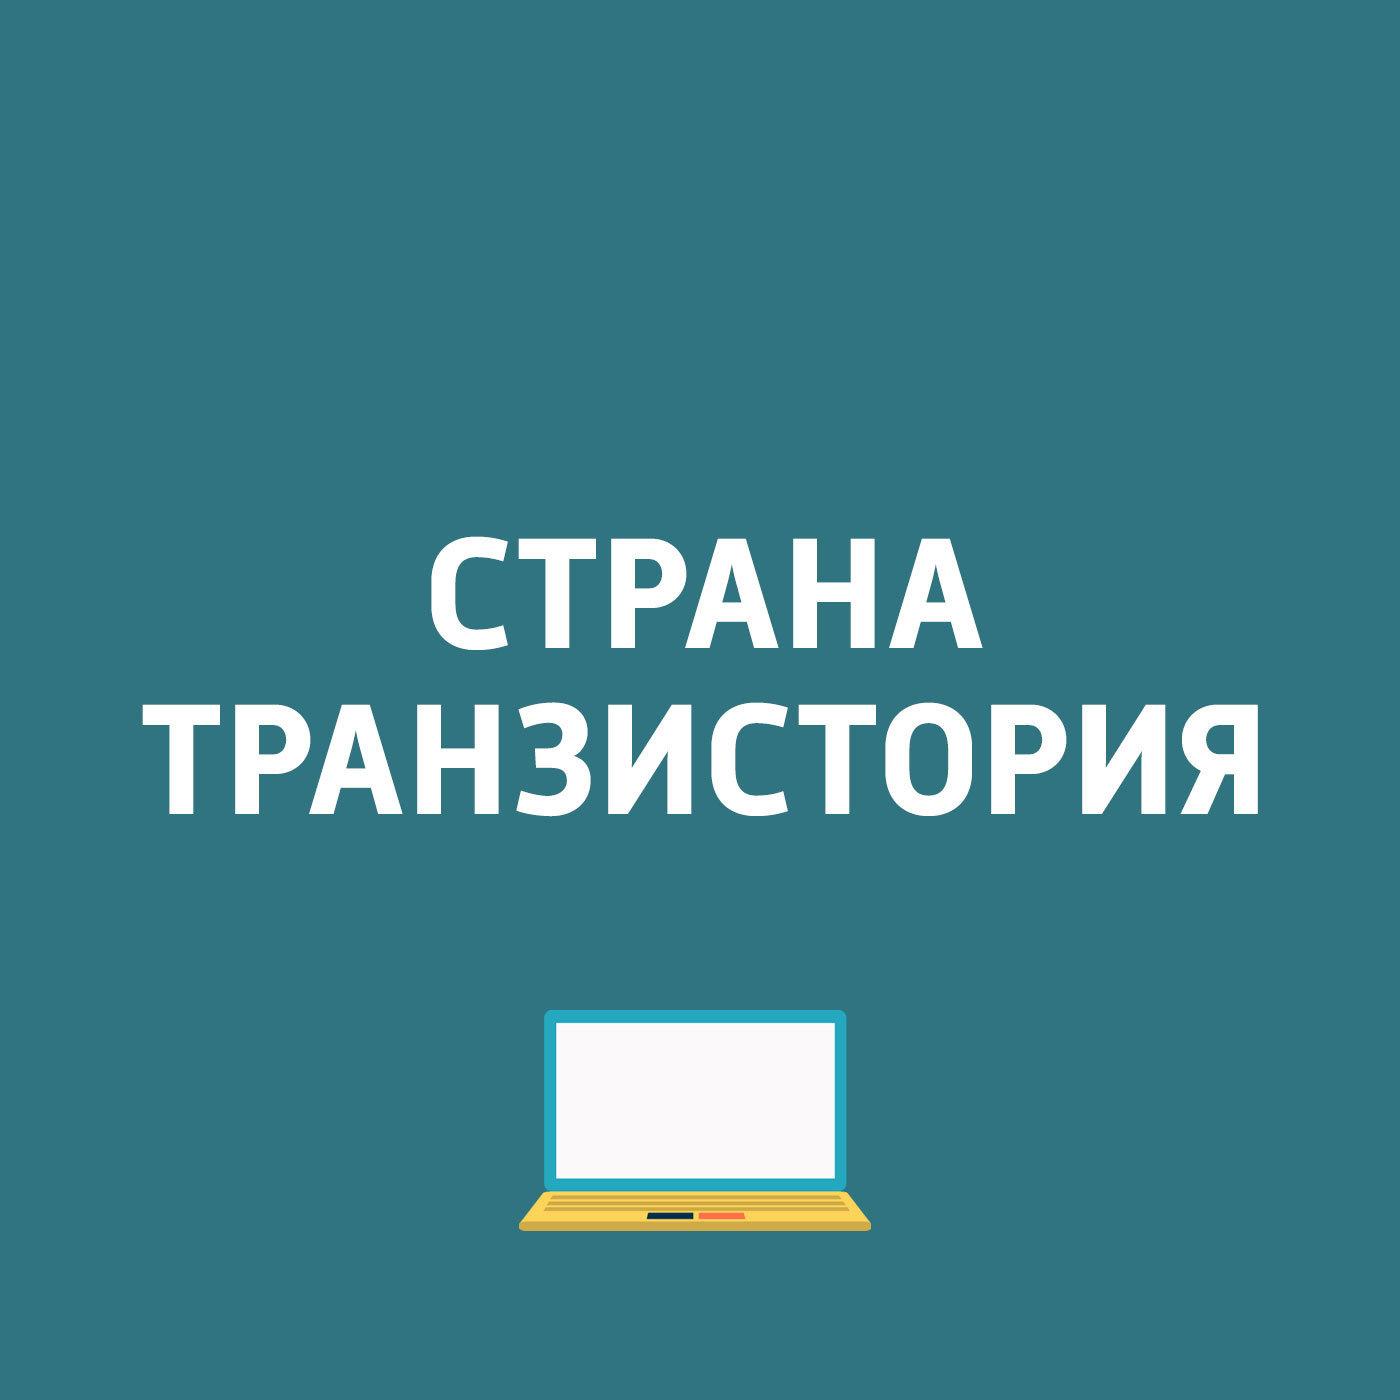 цена Картаев Павел Xperia XZ3; Новые видеокарты NVIDIA; Начало продаж iPhone XS и iPhone XS Max онлайн в 2017 году